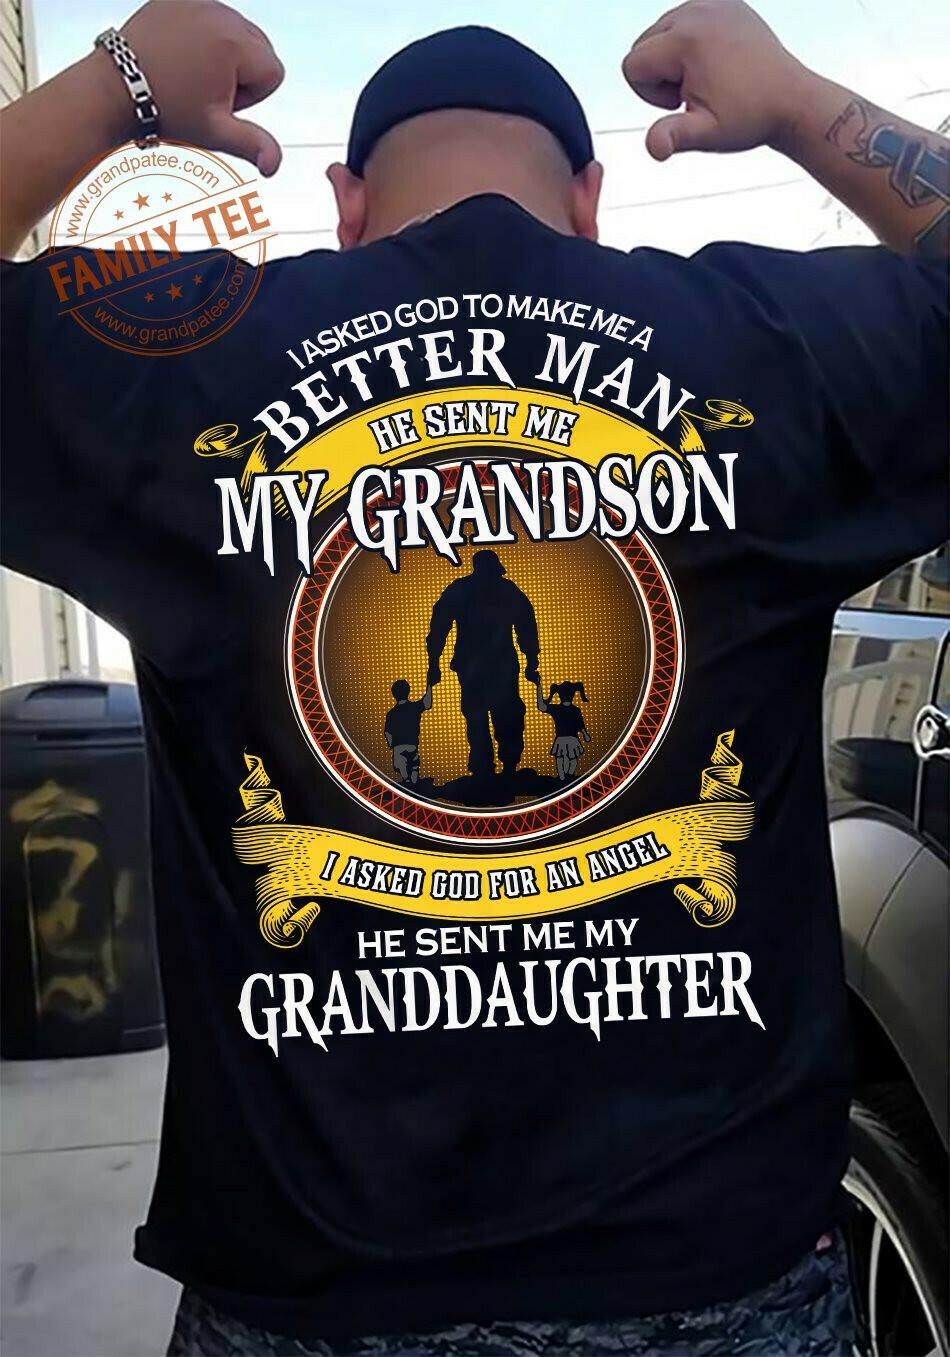 I asked God to make me a better man he sent me my grandson I asked God for an angel shirt